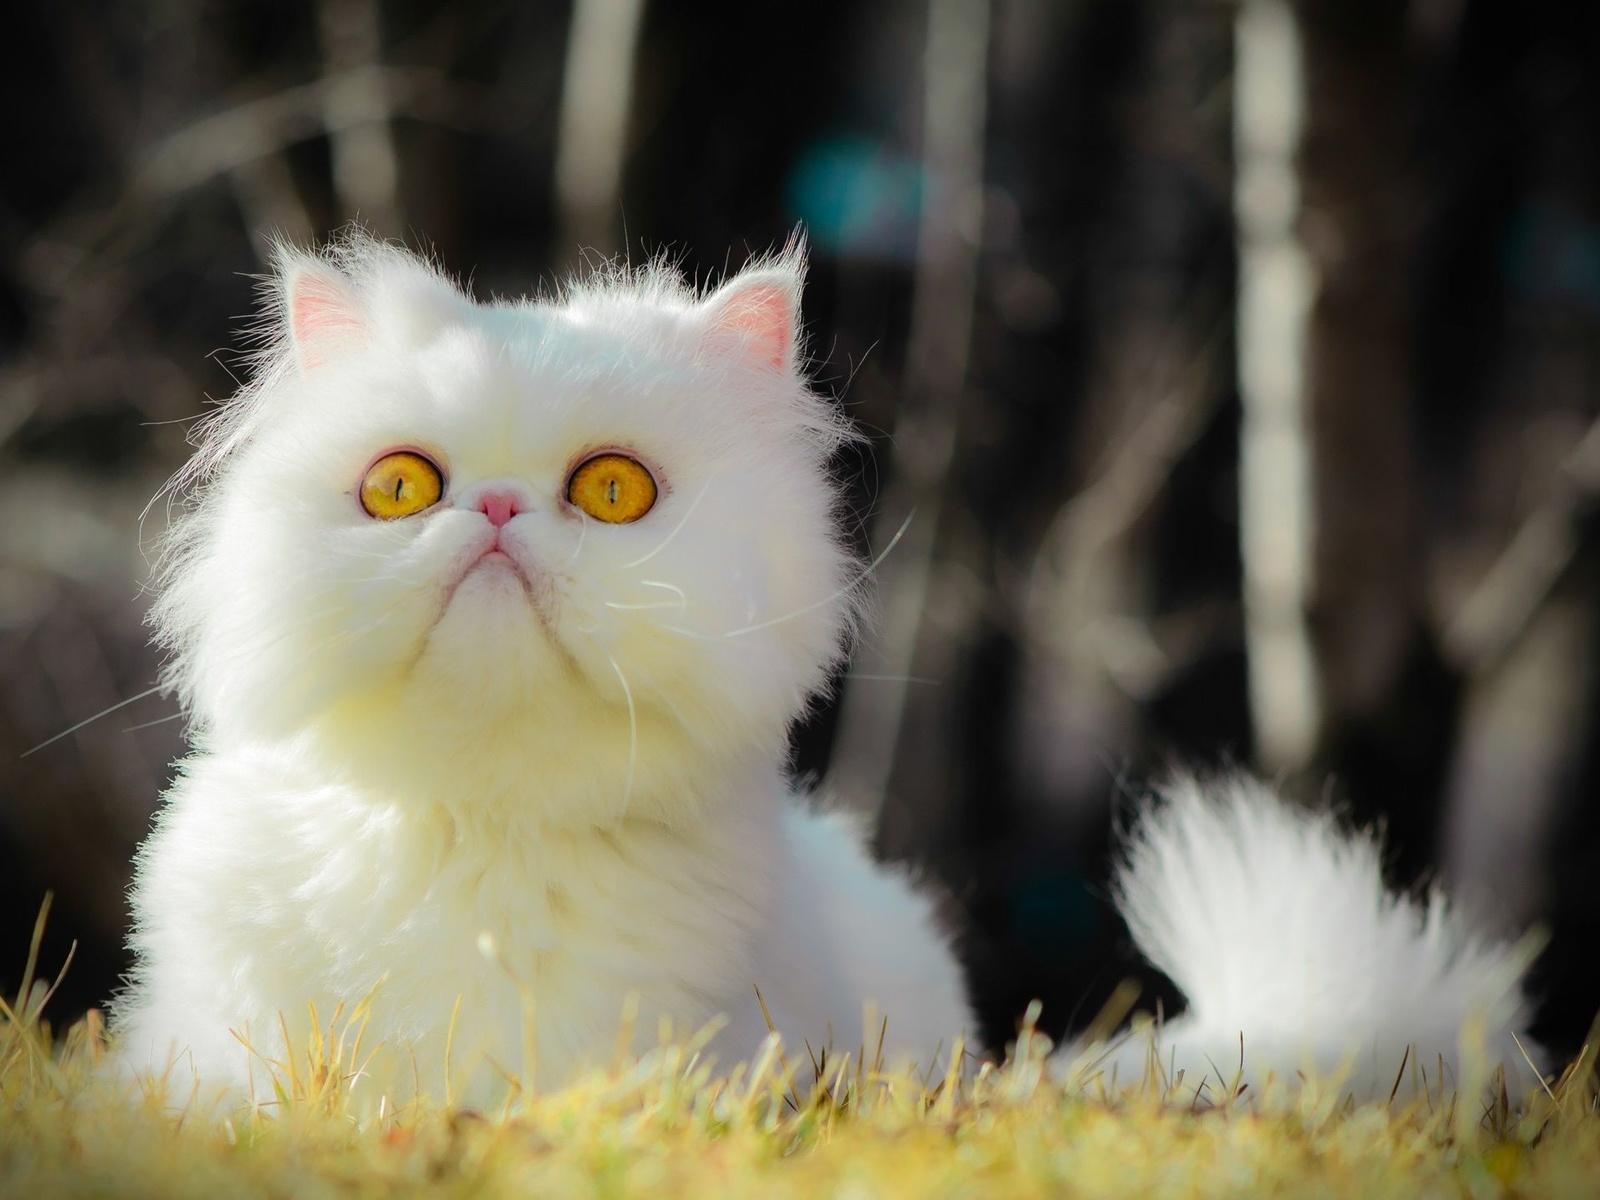 кошки, животные, природа, персидский,белый,пушистый,кот, жёлтоглазый